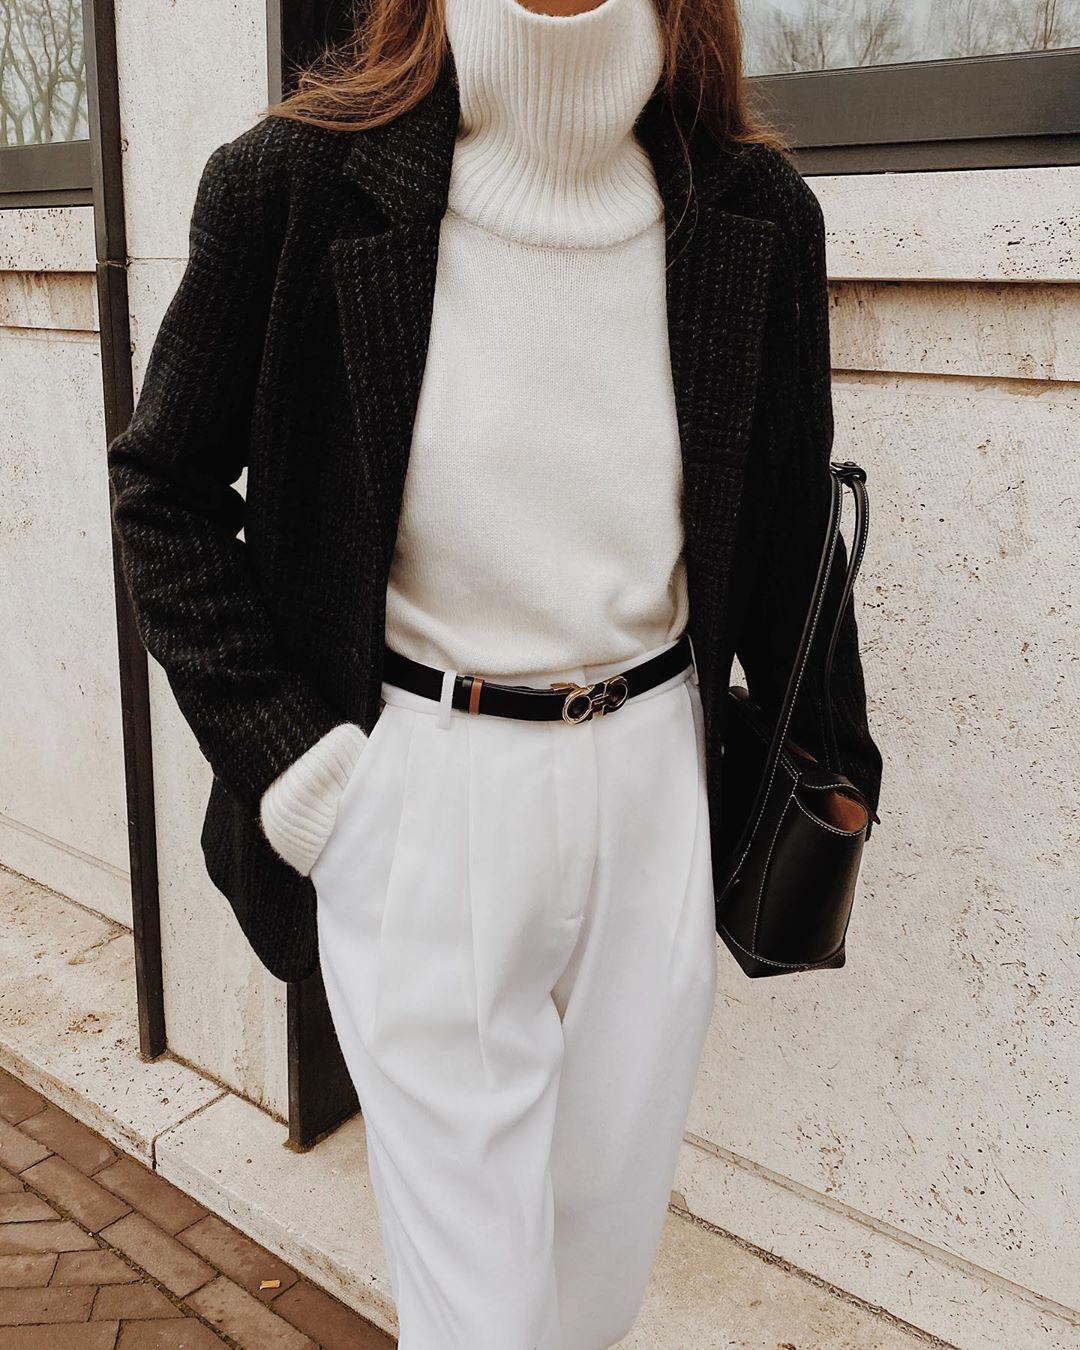 8 bí quyết mặc đồ màu trắng cho mùa thu sắp đến - Hình 2